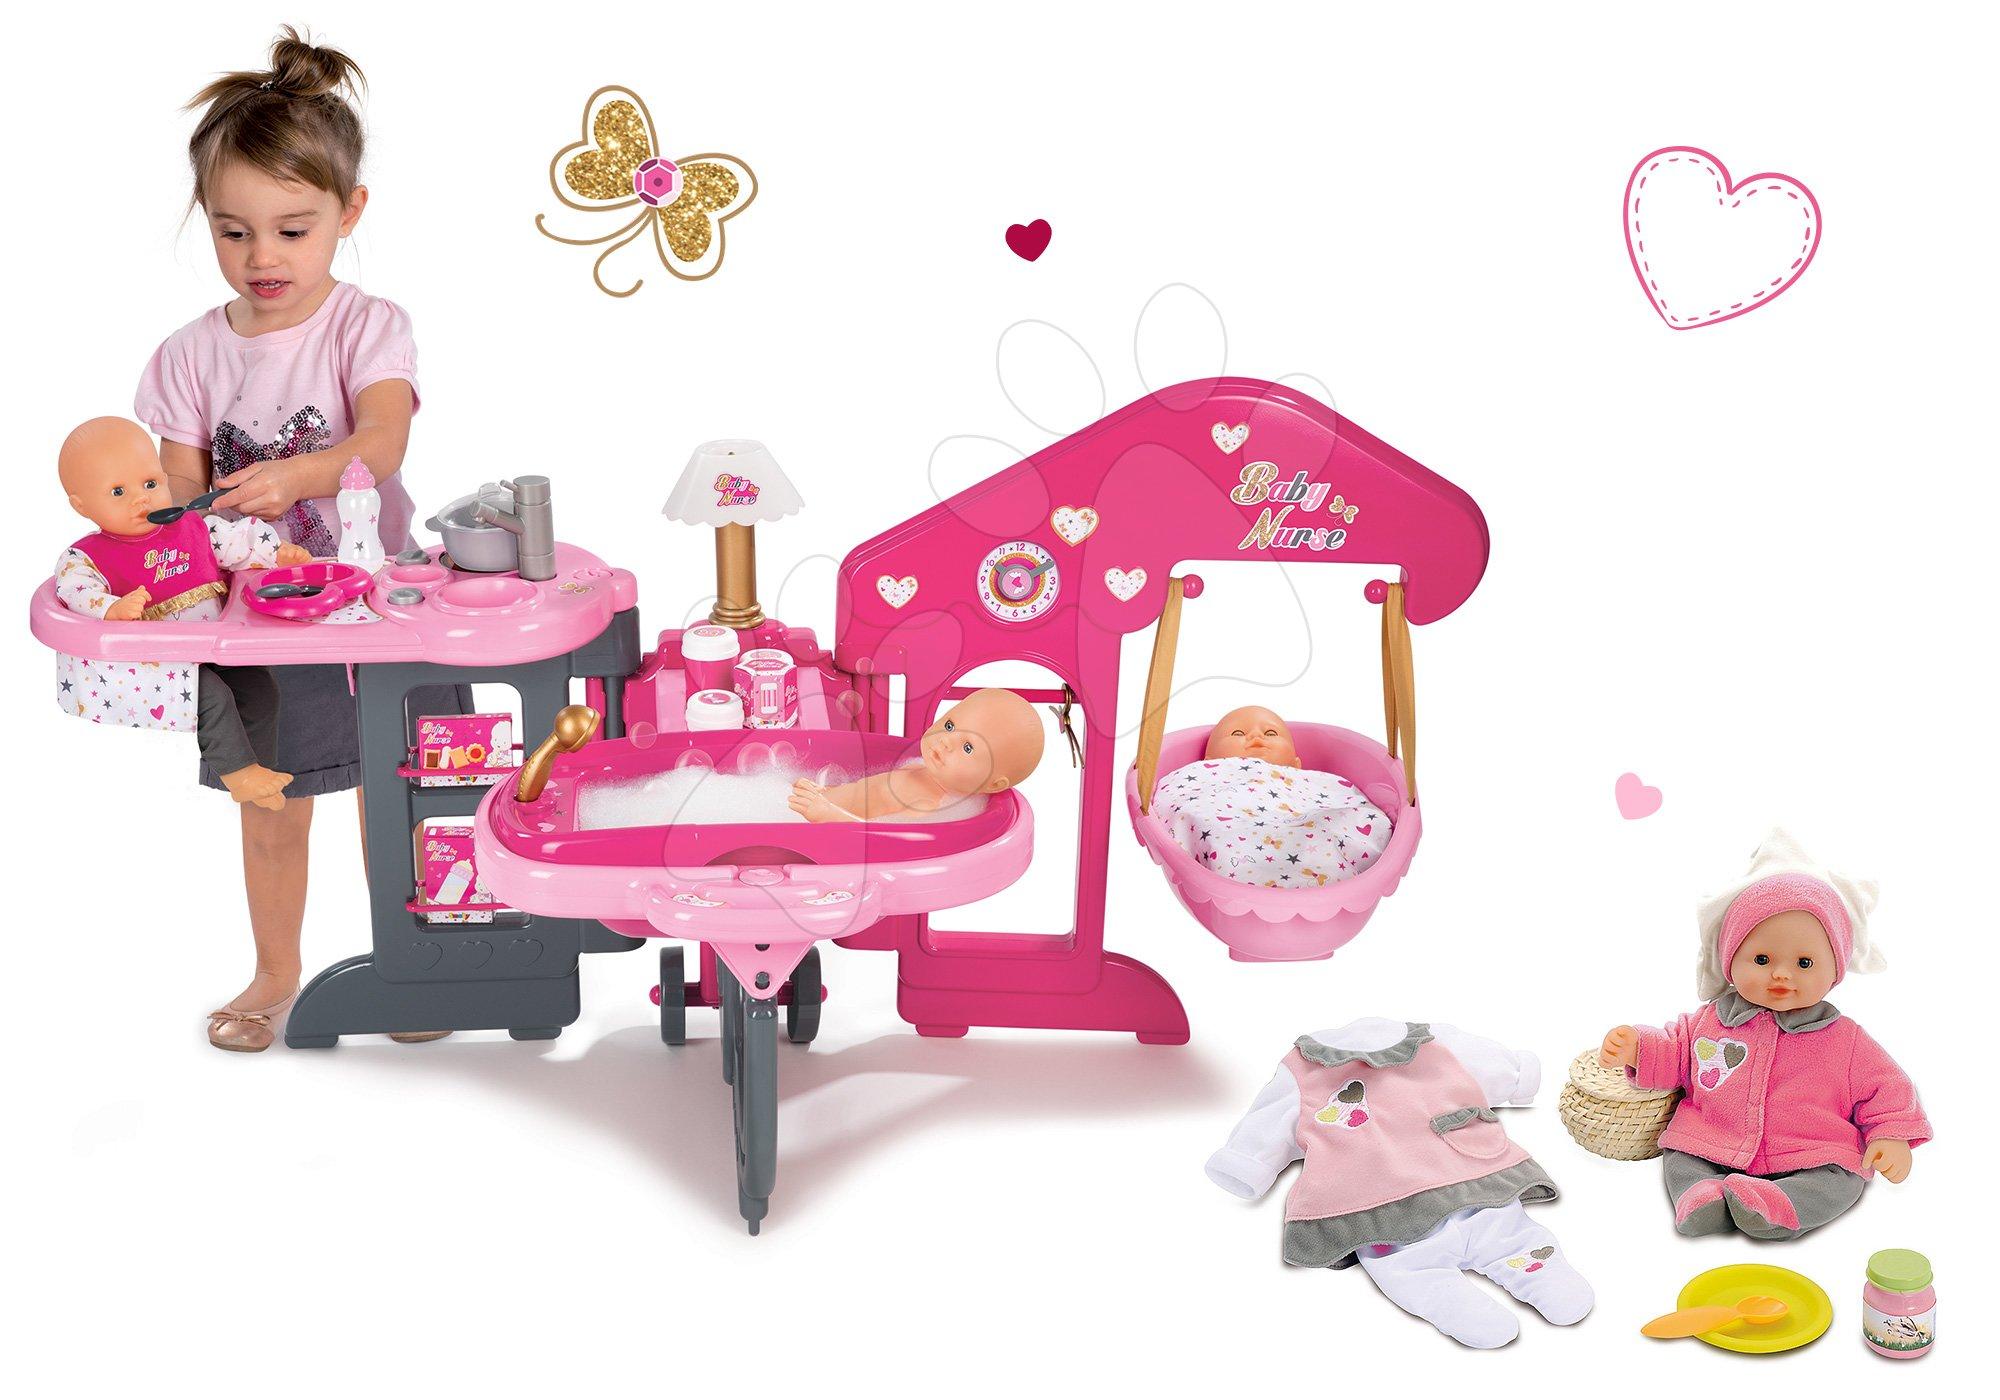 Népszerű Szett babacenter Baby Nurse Smoby és játékbaba ... 4eed7754bc